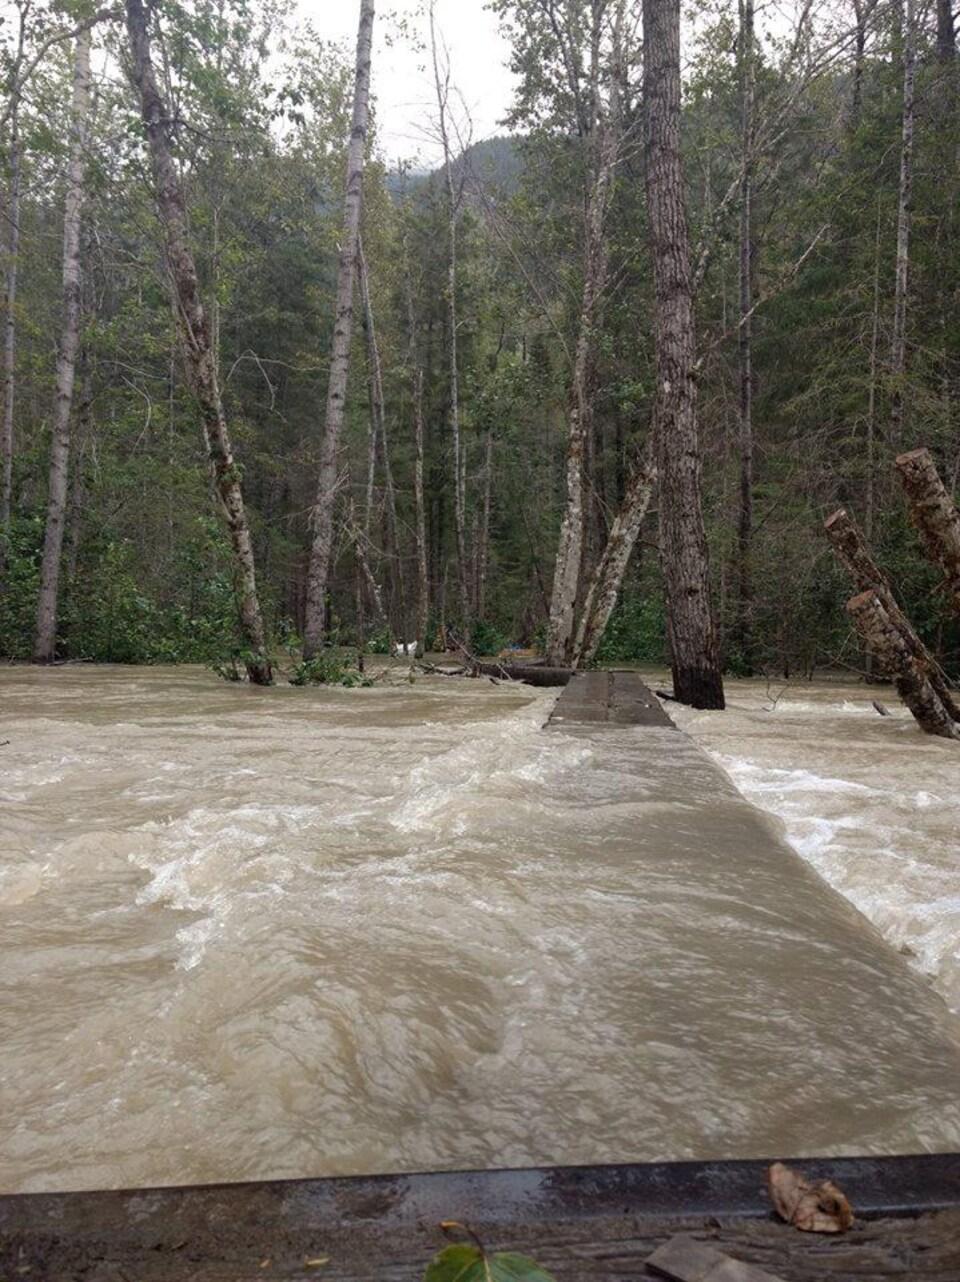 De l'eau par dessus des installations en bois visant à traverser la rivière.